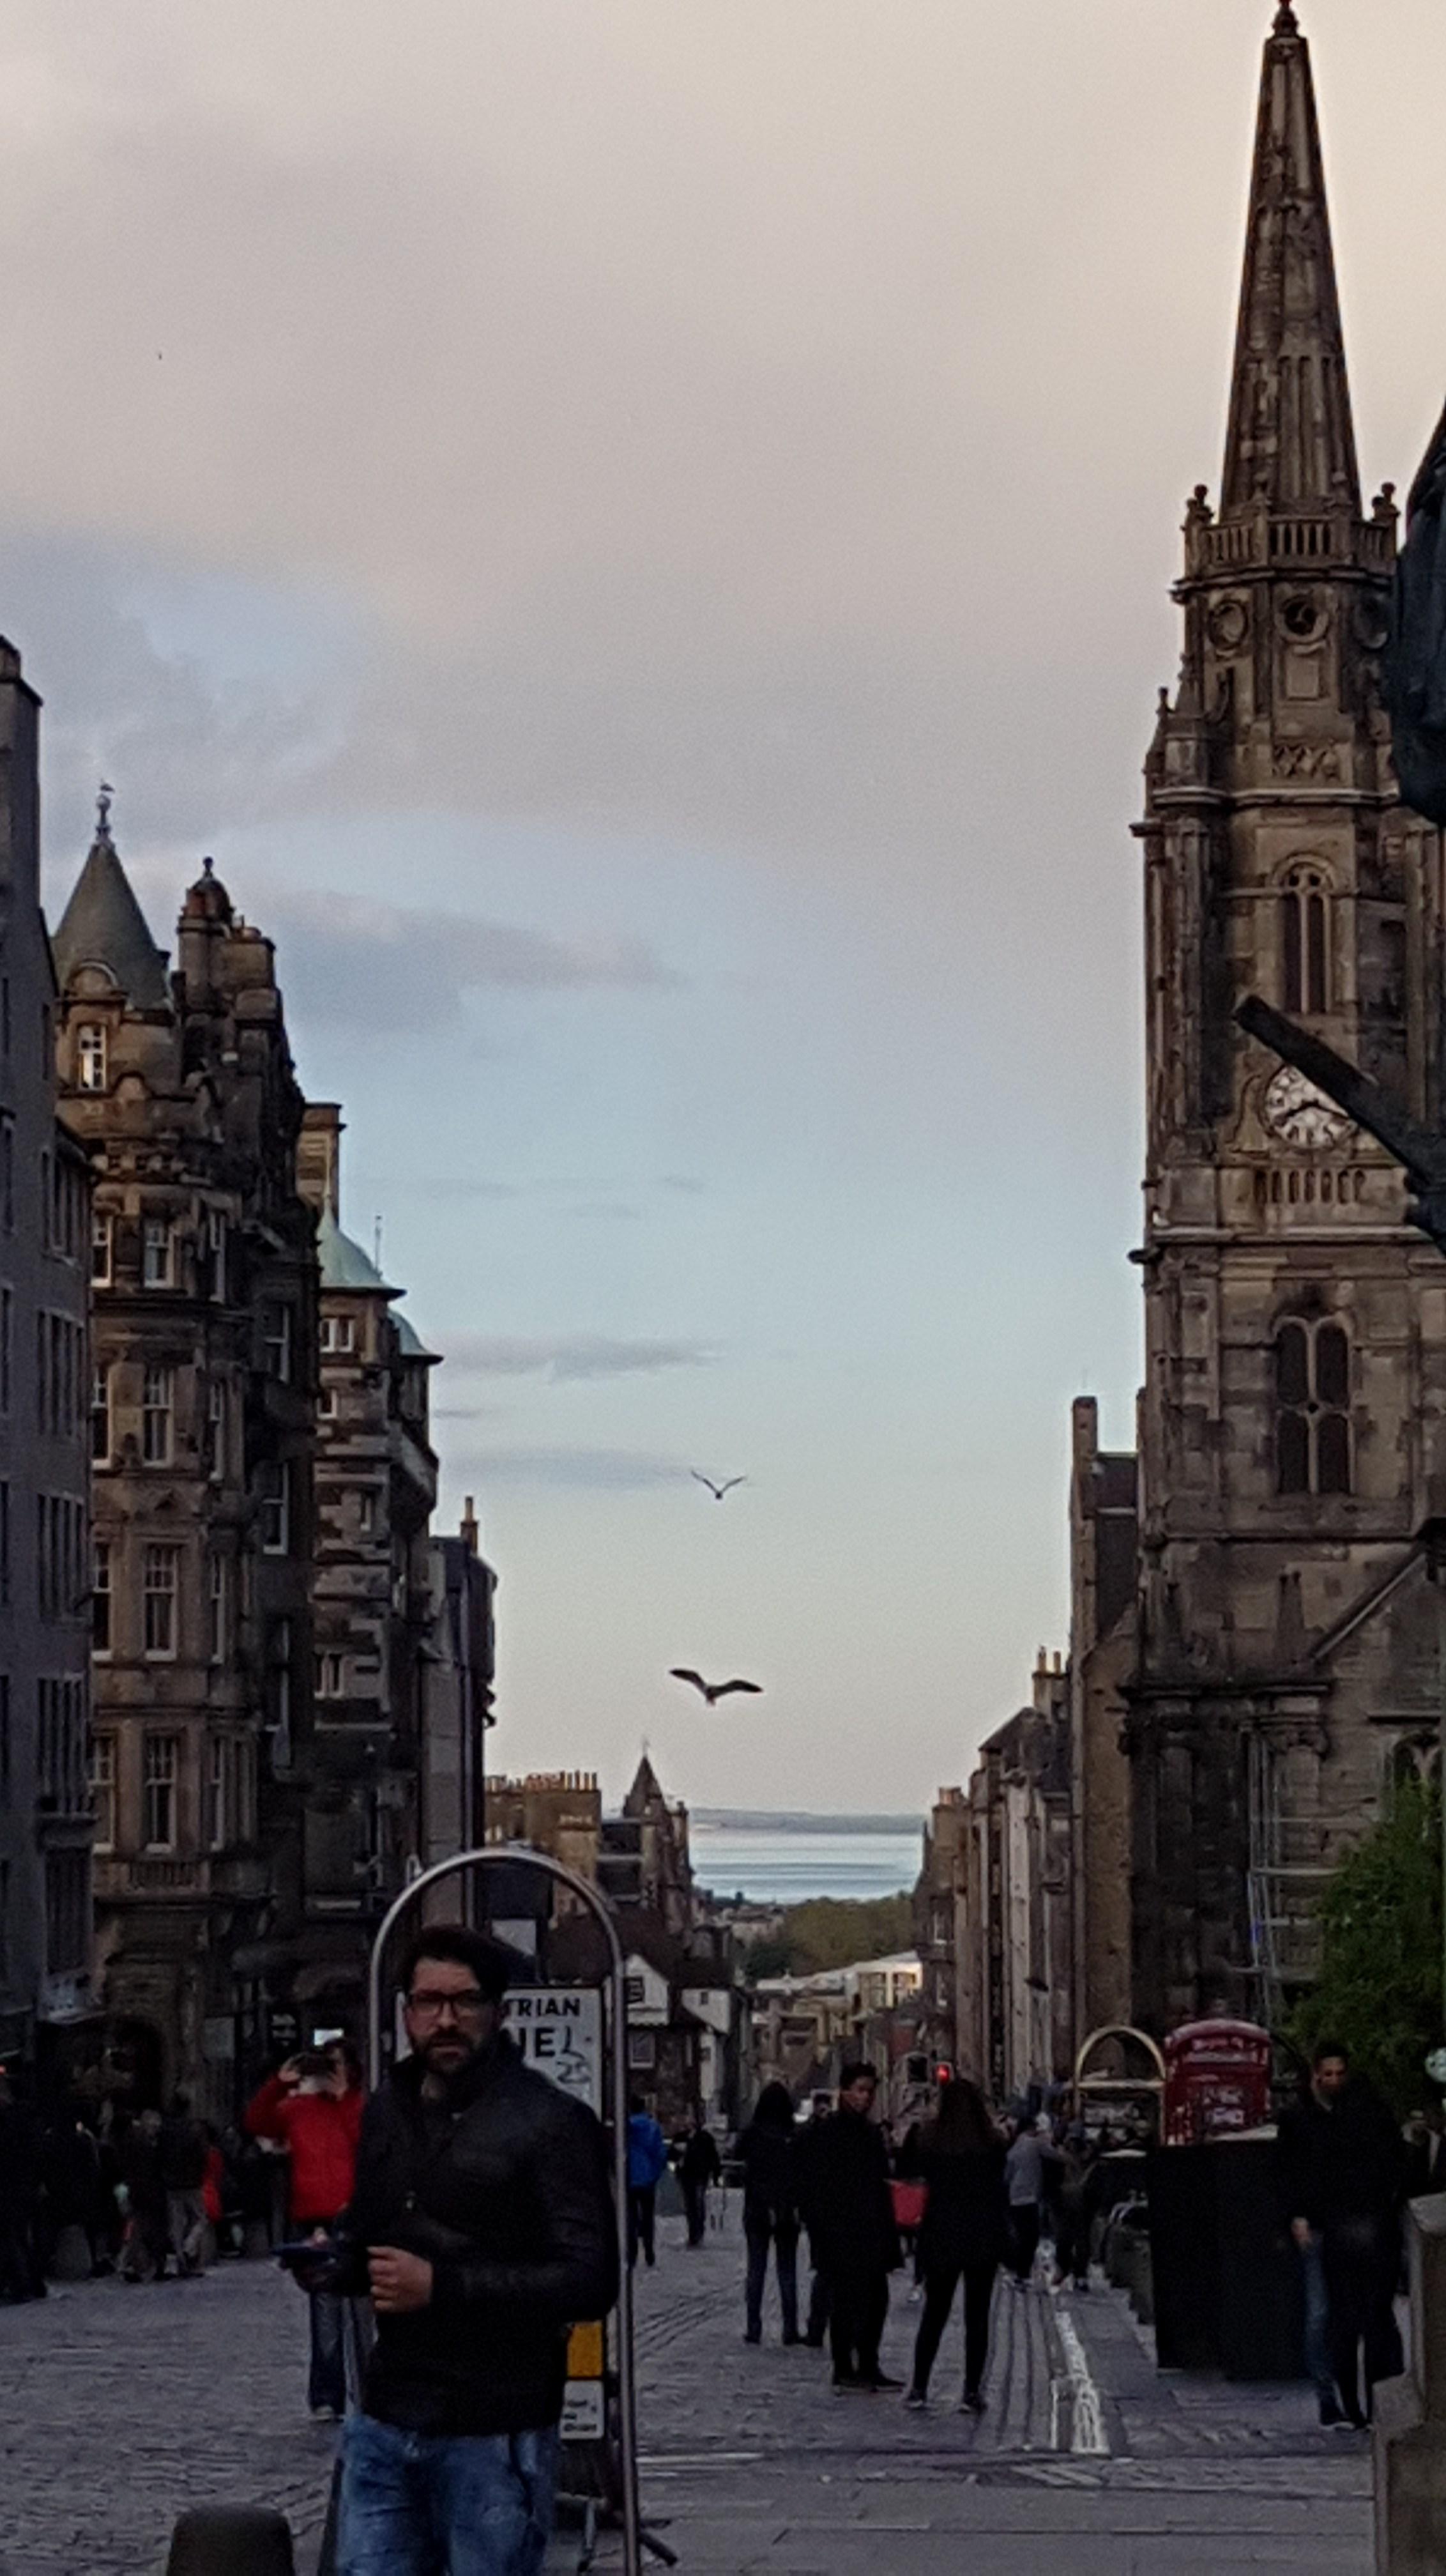 Royal Mile. Edinburgh